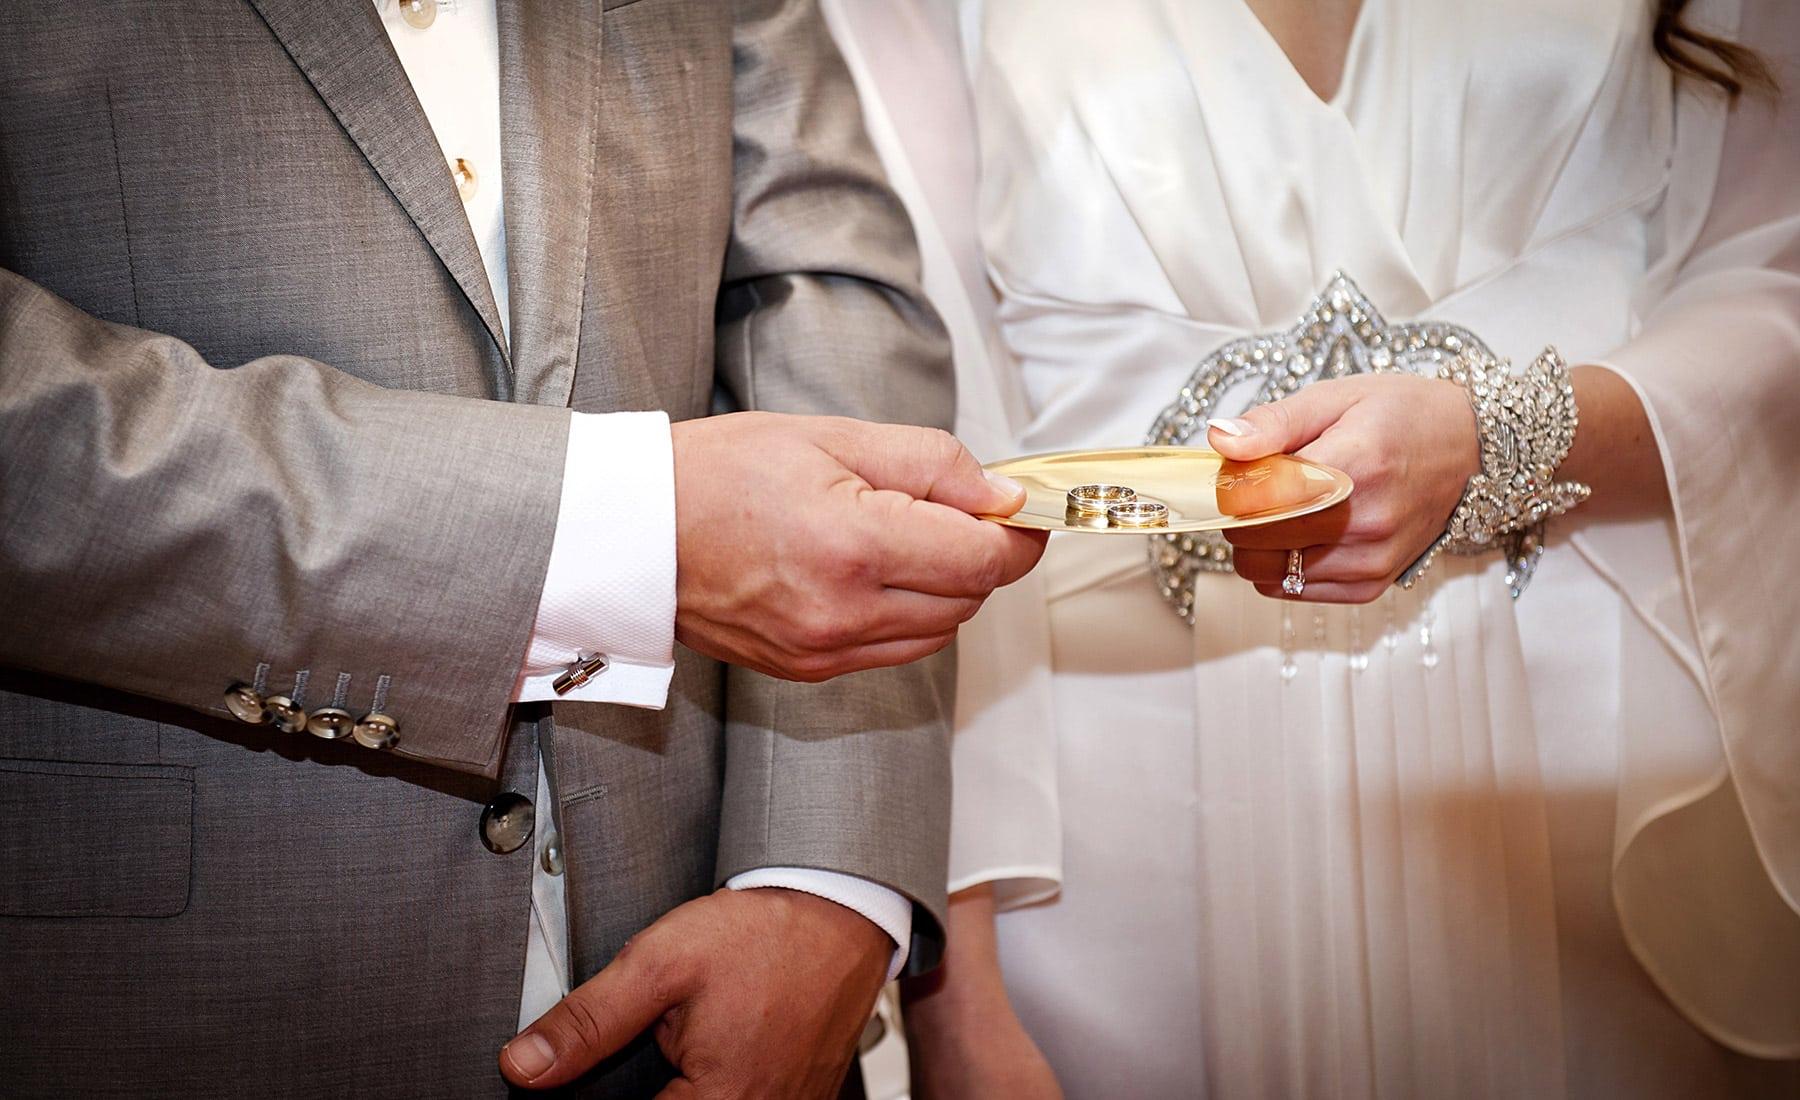 Matrimonio Catolico Valor : Espiritualidad del matrimonio por tu matrimonio